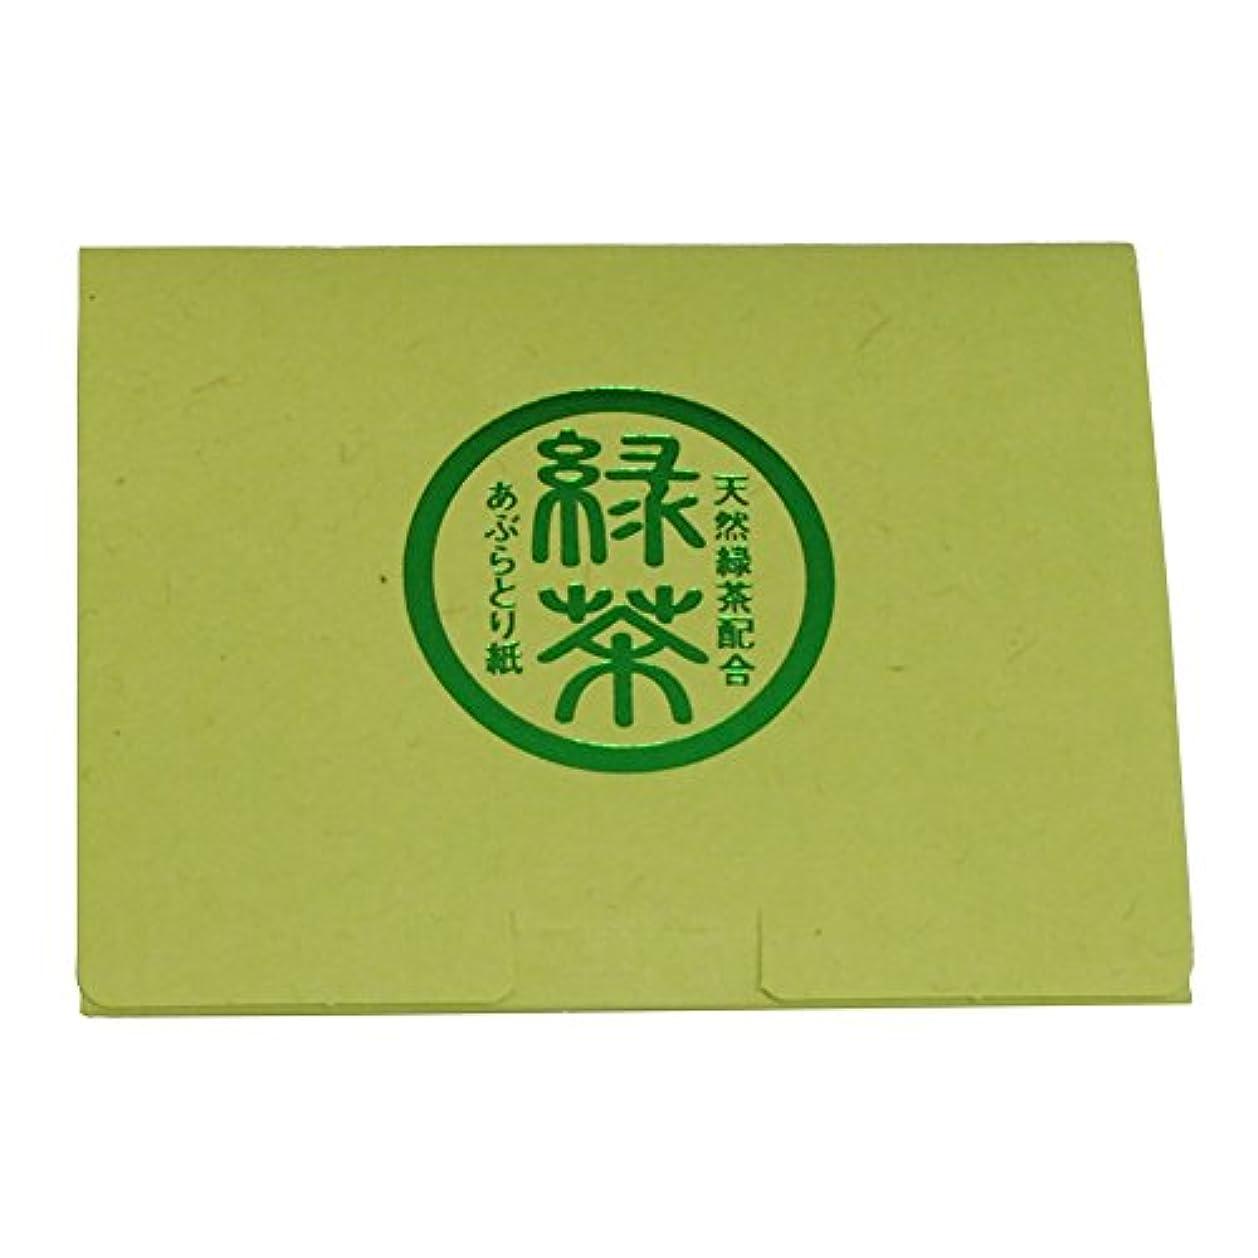 ボウルひまわり洗剤米長 天然緑茶配合 あぶらとり紙 高級 日本製 100枚入り 5個セット